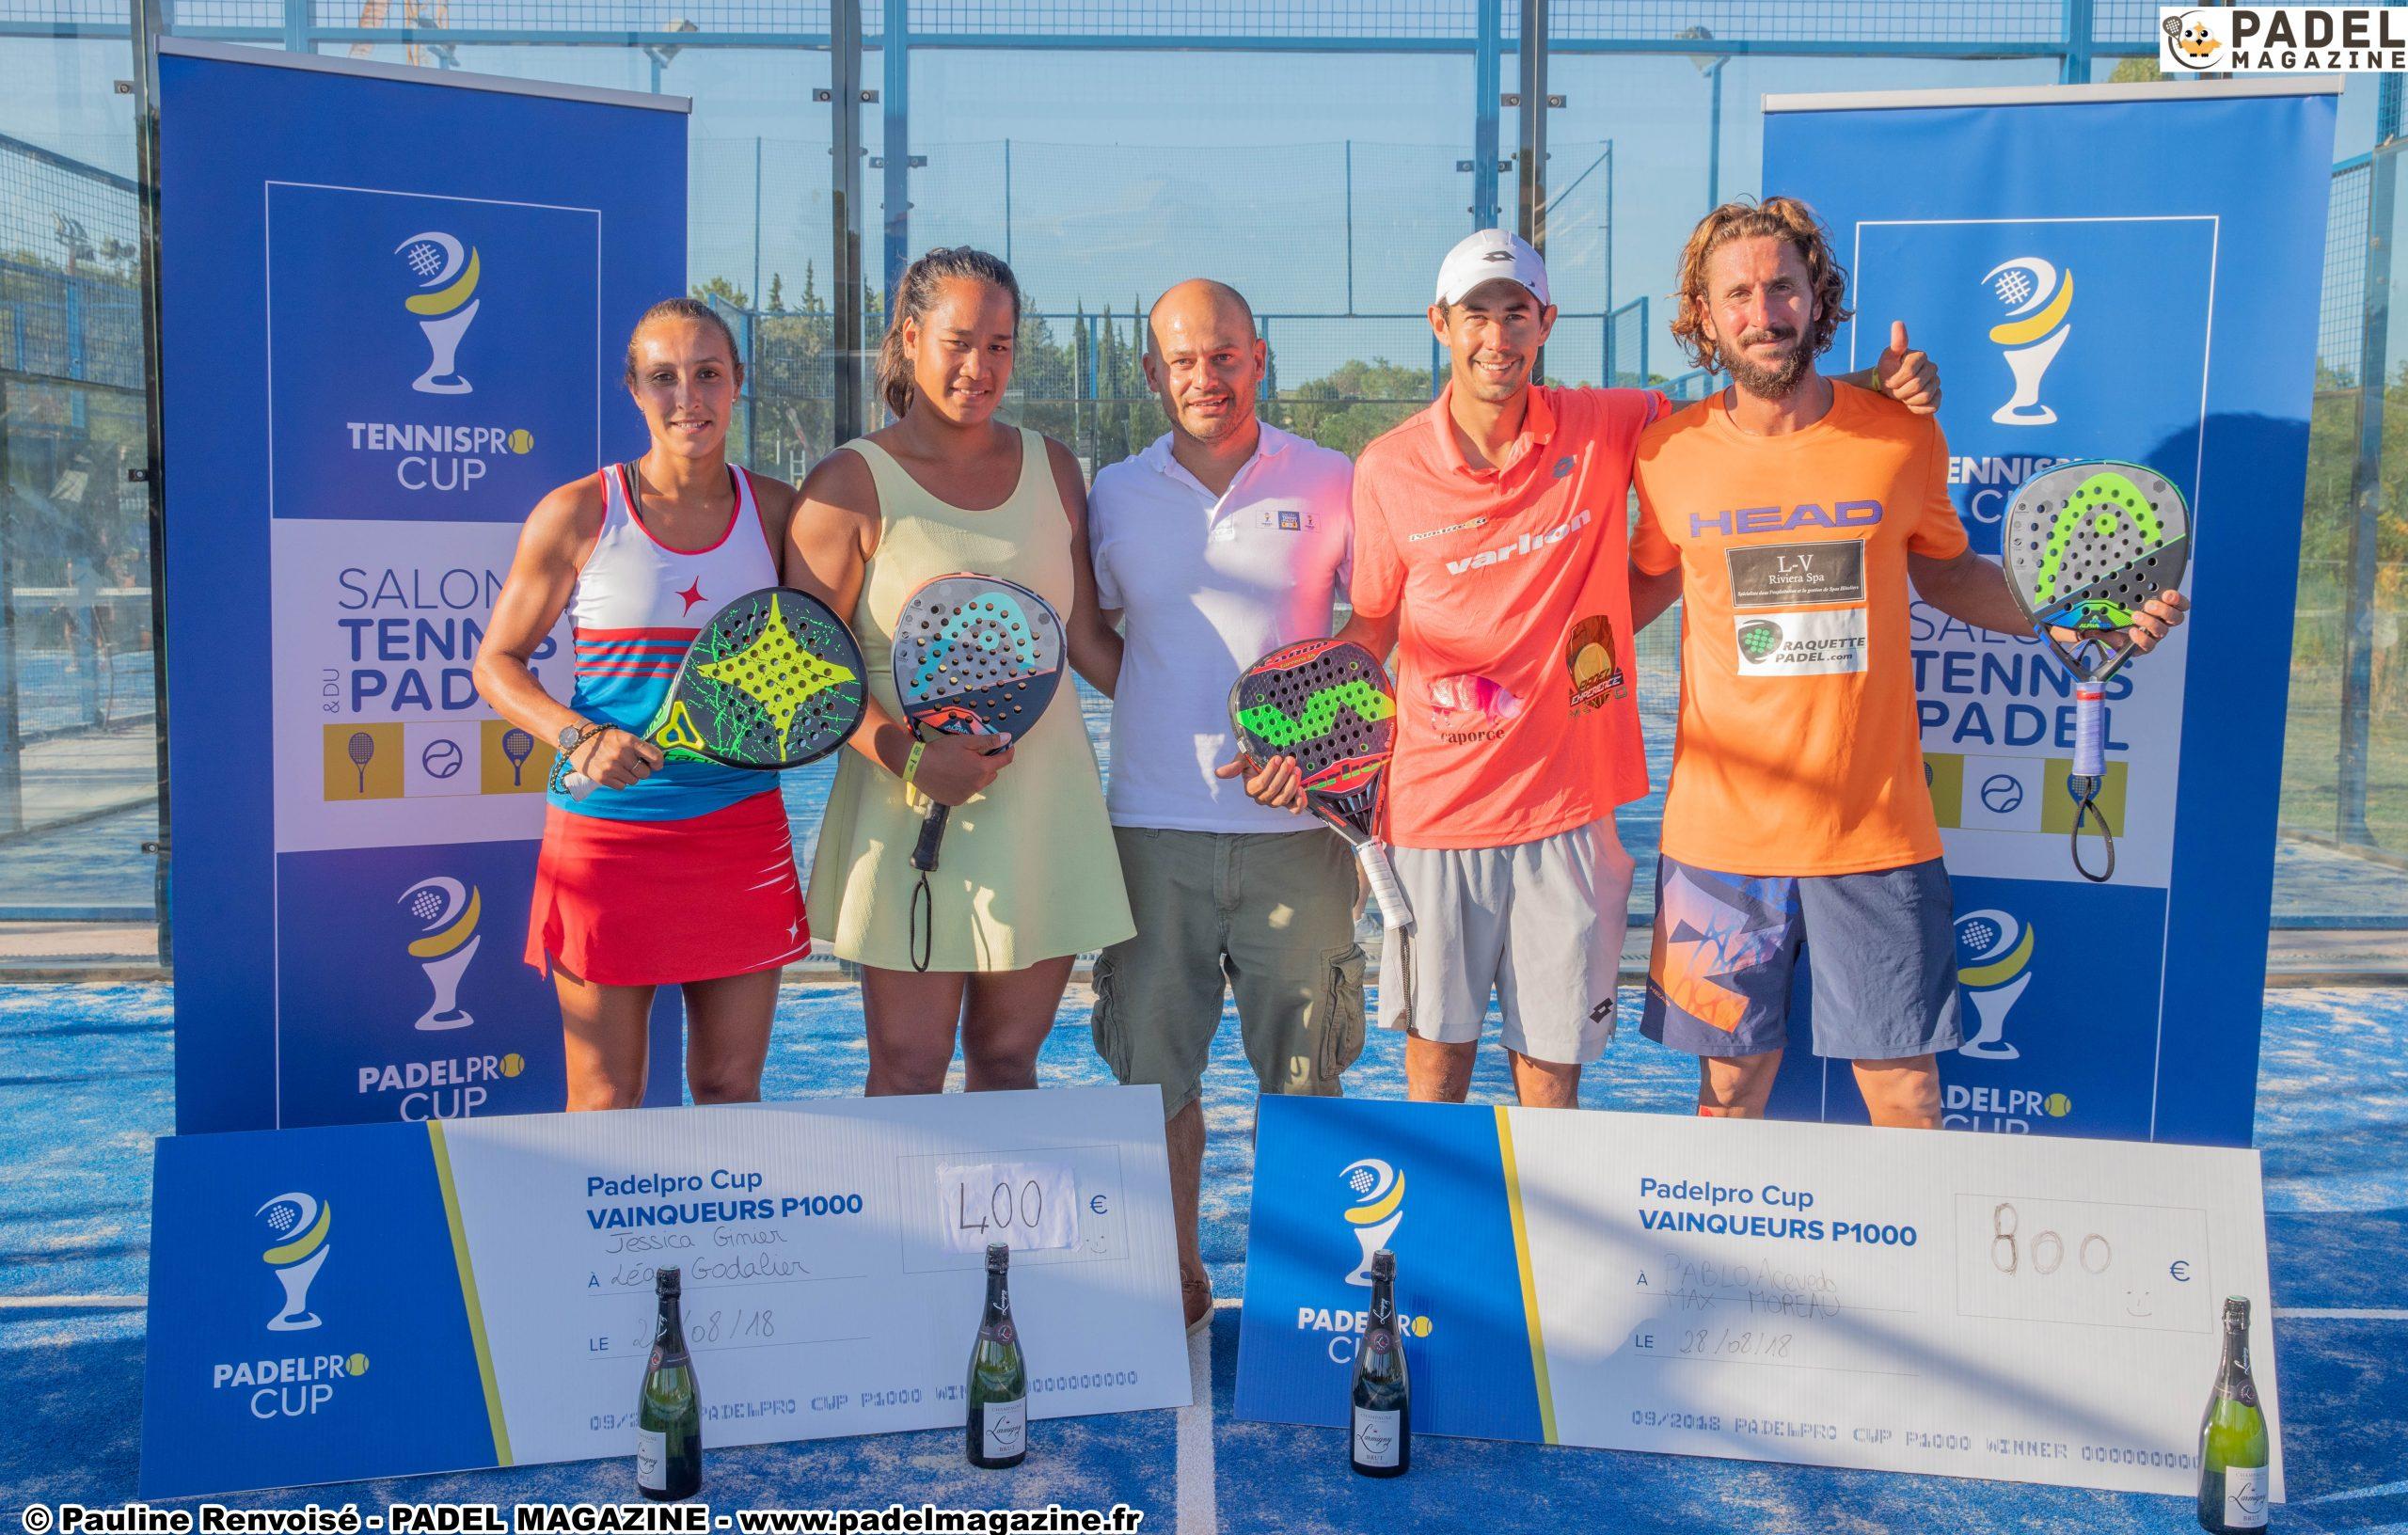 Ginier / Godallier et Moreau / Acevedo remportent la Padelpro Cup 2018